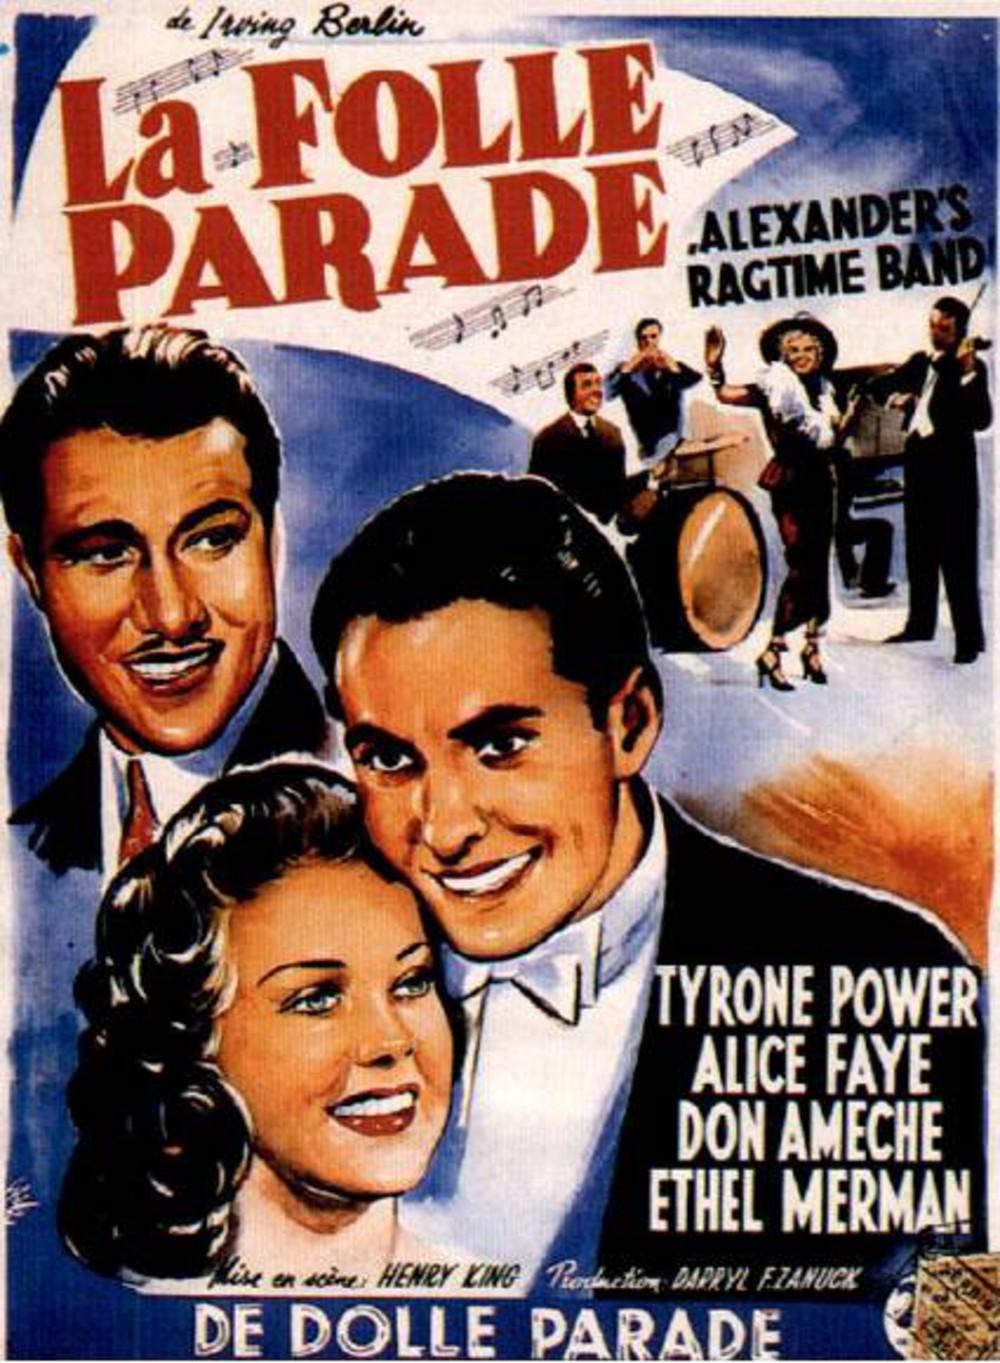 affiche du film La folle parade